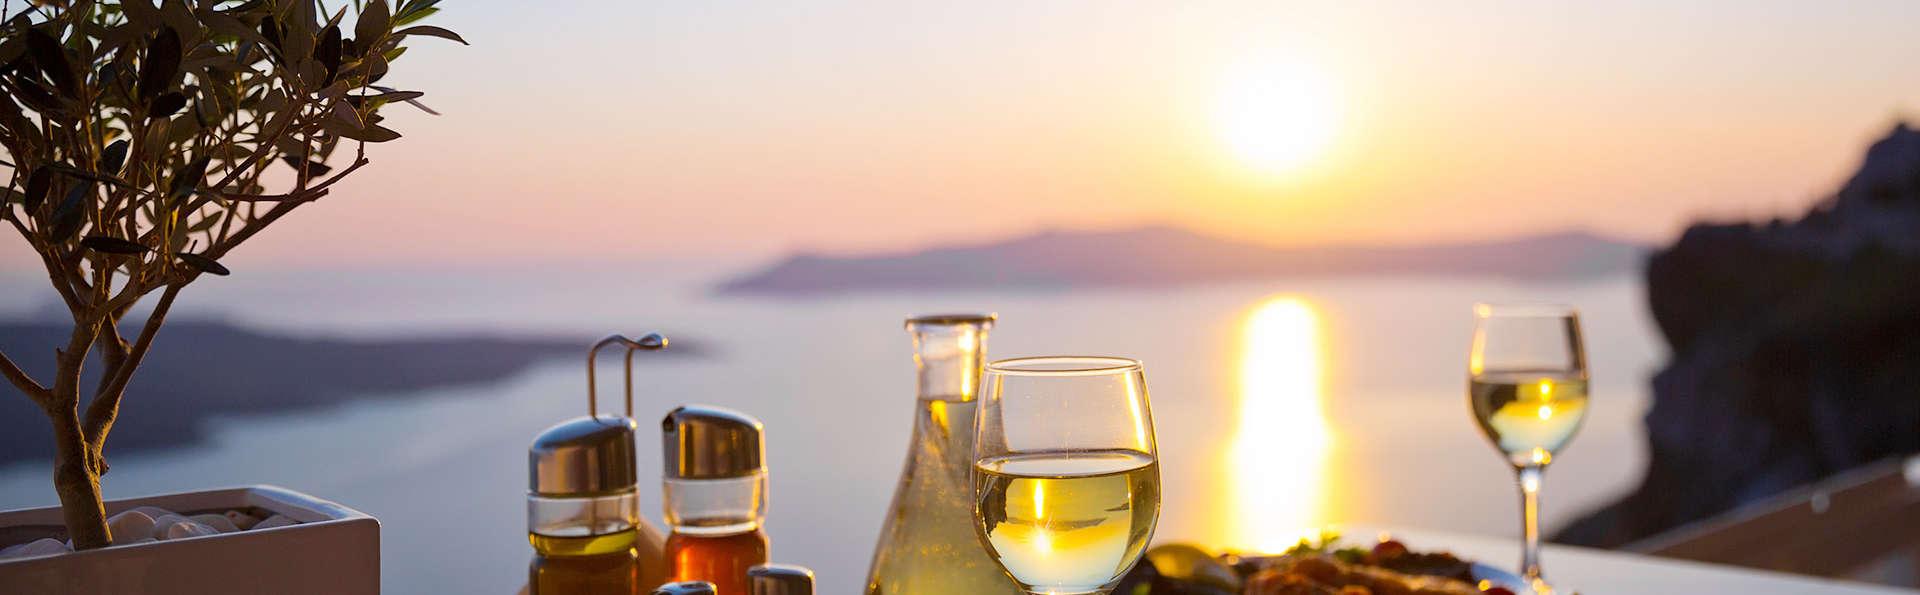 Escapade gastronomique avec dîner surplombant la mer (à partir de 2 nuits)